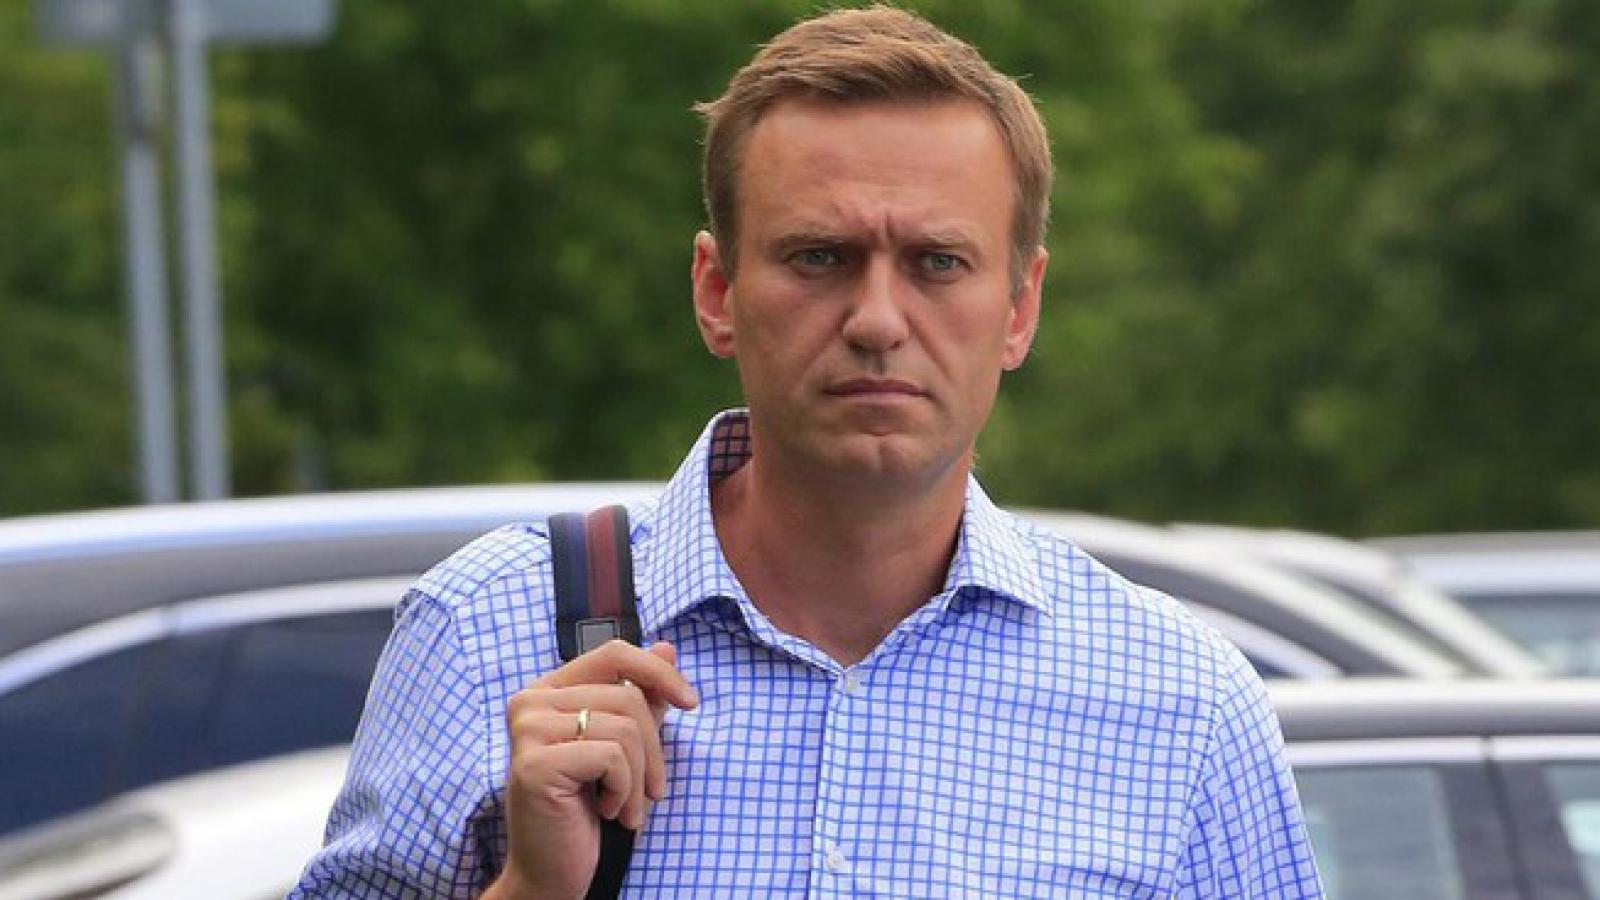 Chính trị gia Nga Navalny bị đầu độc bằng 1 chai nước trong khách sạn?